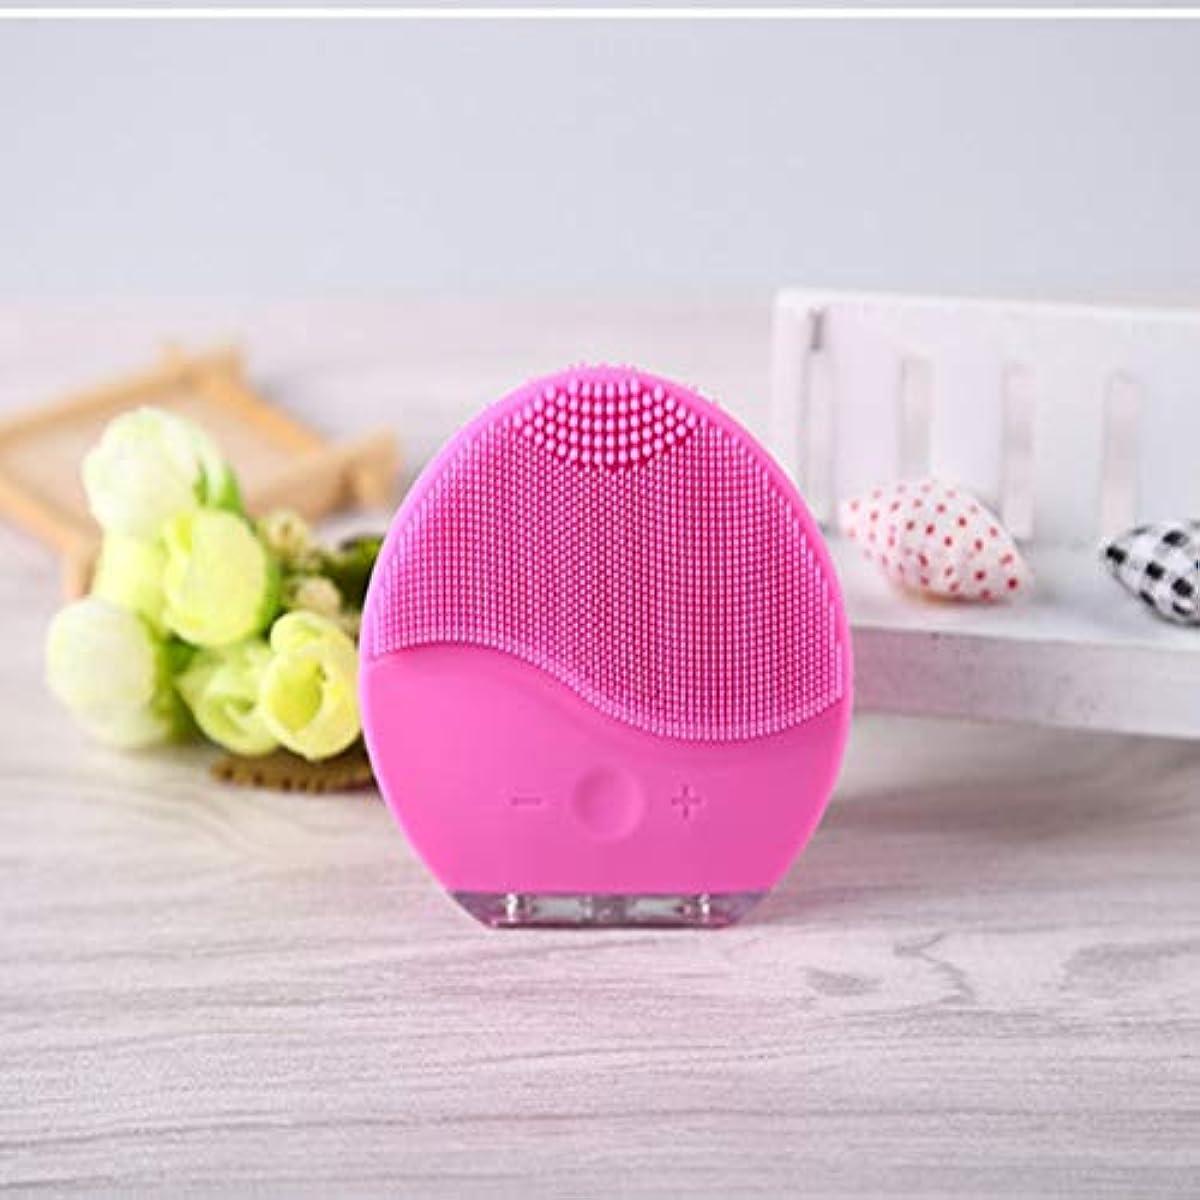 厳密に使い込む威信シリコーンフェイシャルクレンザー、フェイシャルクレンジングブラシ防水シリコーンフェイスマッサージャーアンチエイジングスキンクレンジングシステムすべての肌タイプのためのフェイシャルポリッシュとスクラブ (Color : Pink)